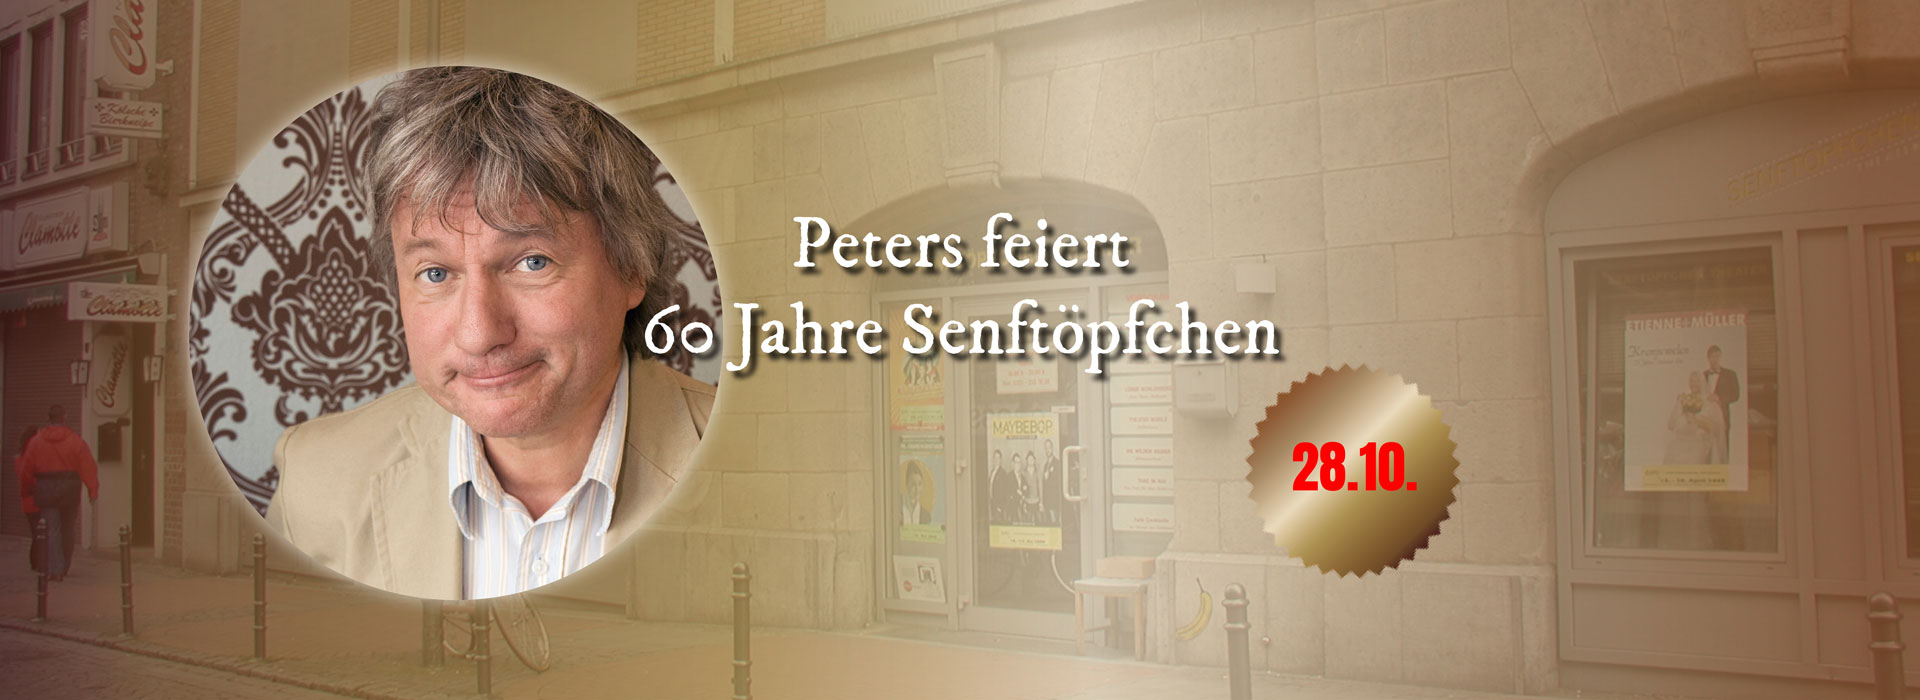 Aktion mit Jürgen Becker